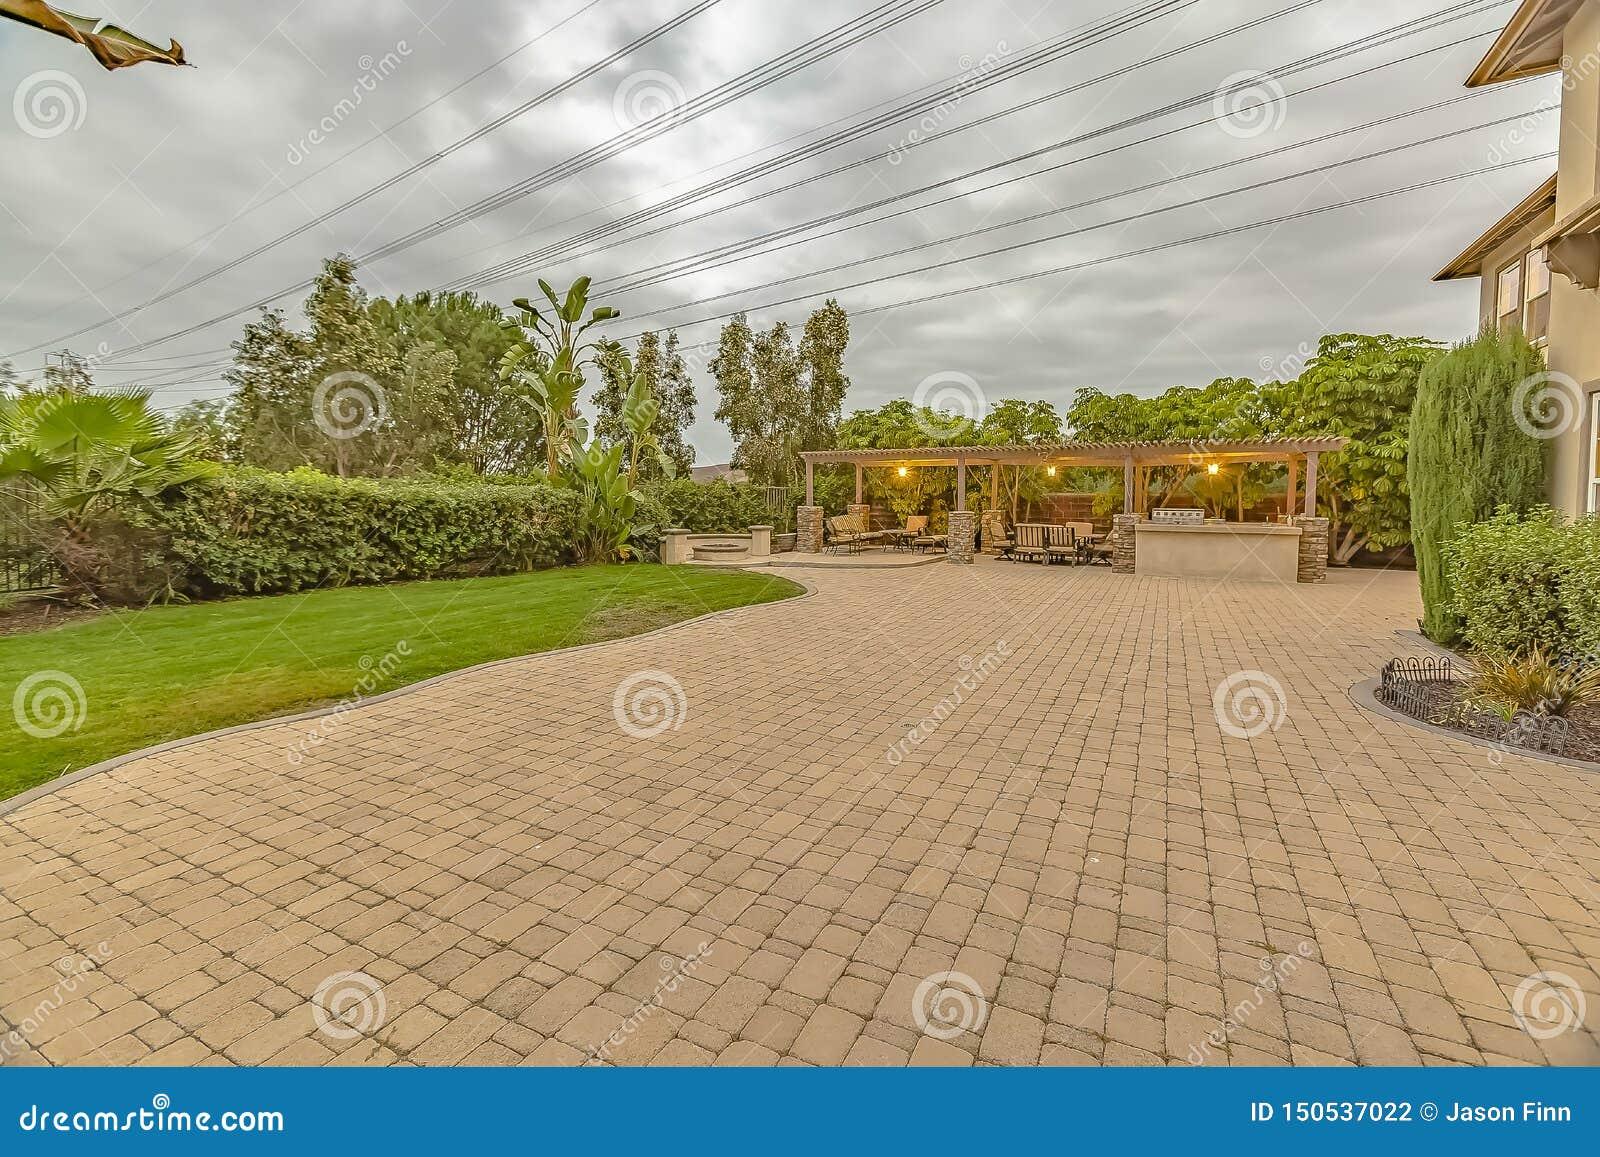 Stentegelstenkörbana och uteplats med brandgropen och äta middag område under en paviljong